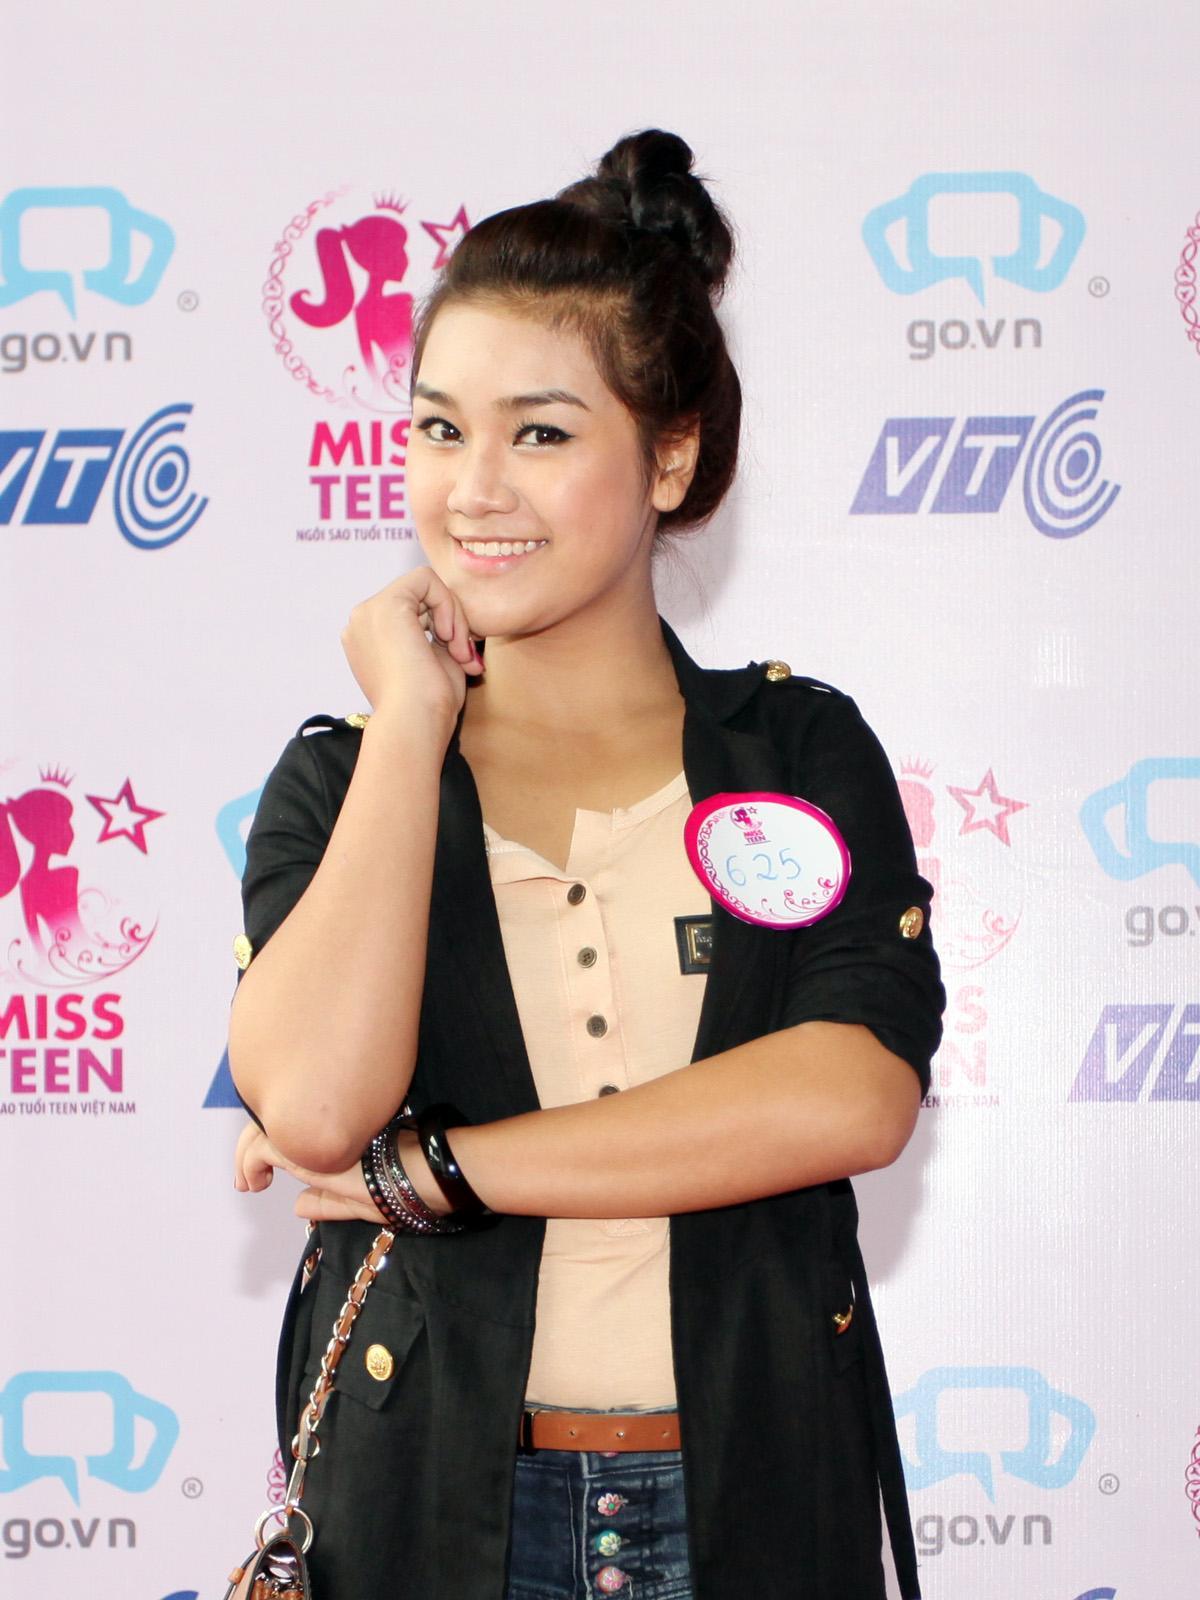 miss teen vietnam 2011 part 6 - Vietnamese girls